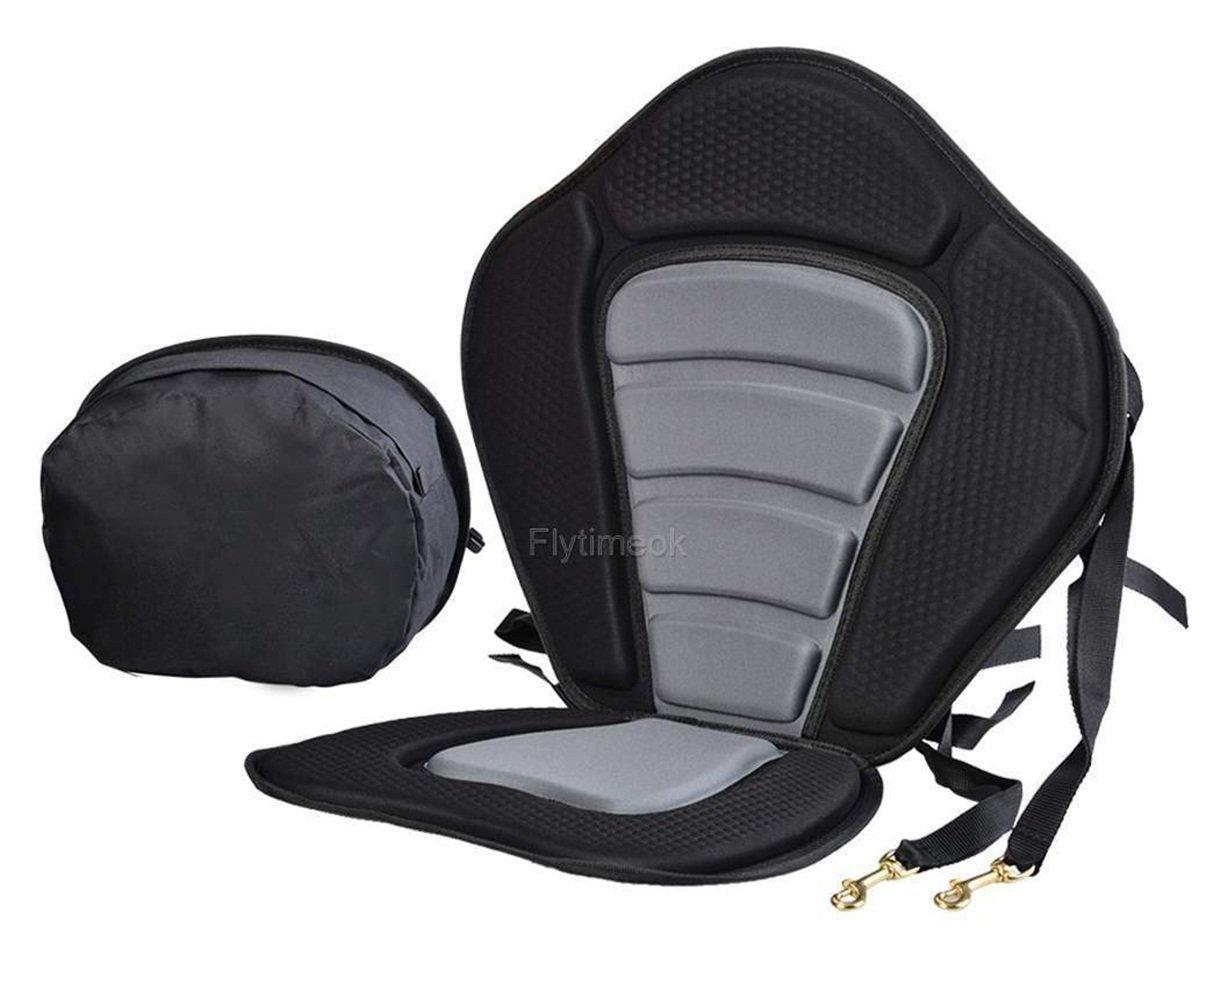 祝開店!大放出セール開催中 Kayak Kayak Seat Padding Padding B01CNZQWHO Deluxe Adjustable Safe Padded with Detachable Back Pack Practical by Canoe B01CNZQWHO, 甘いも販売所:219a59b1 --- senas.4x4.lt